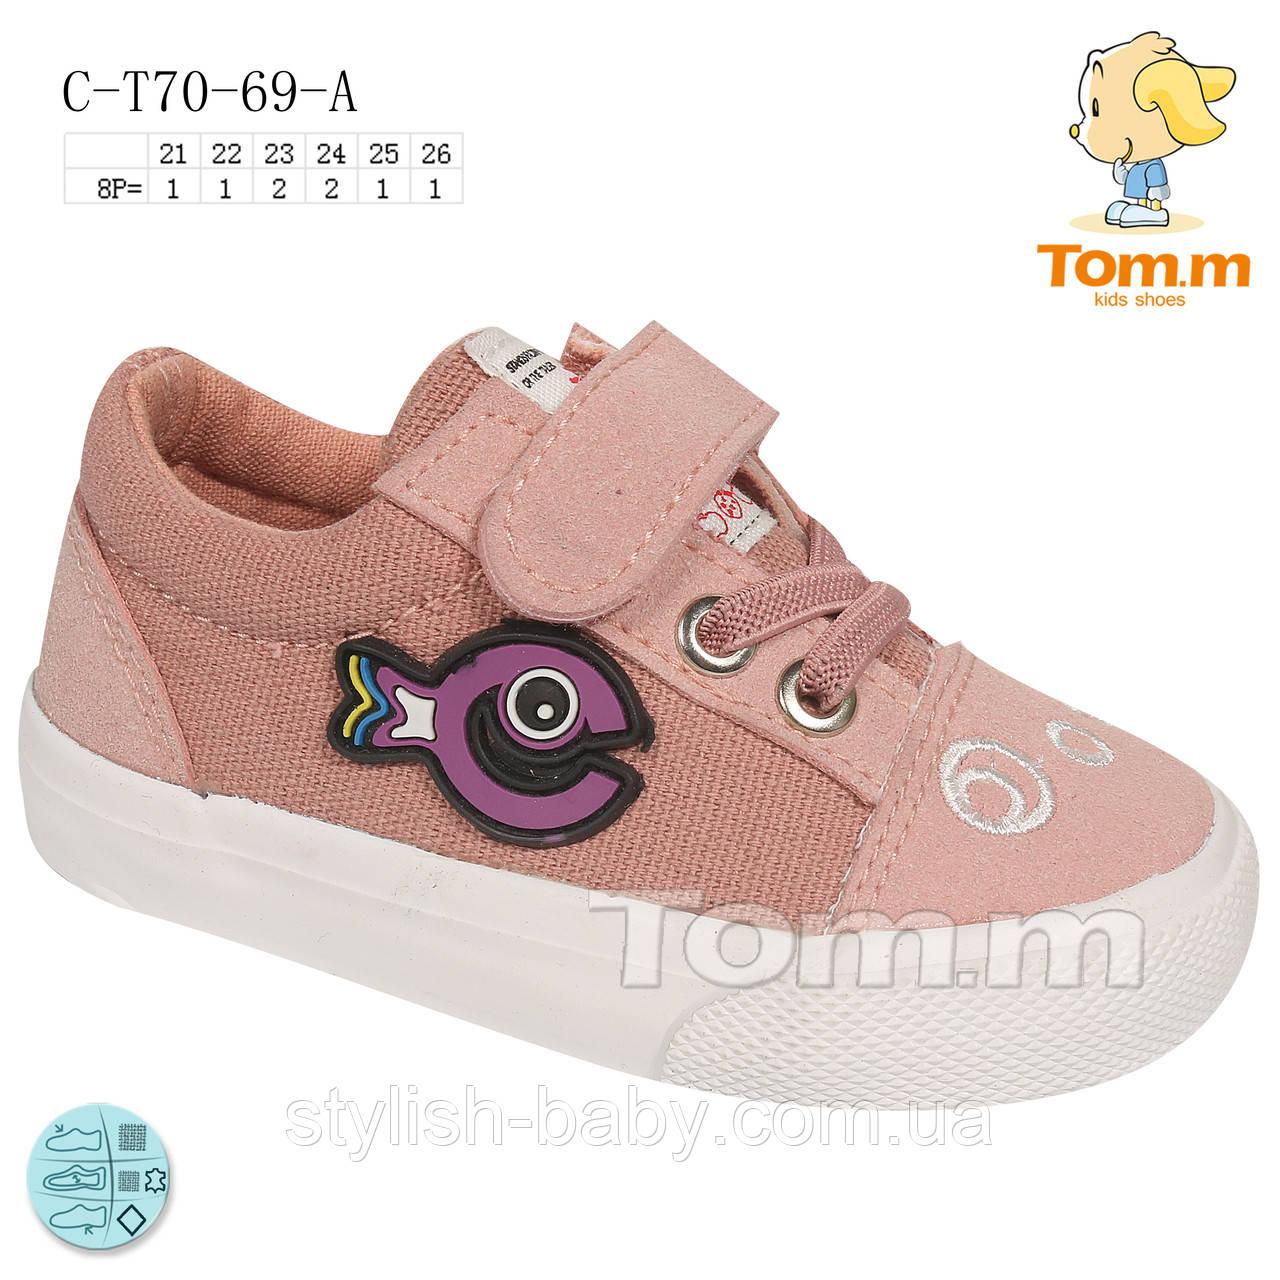 Детская обувь 2020 оптом. Детские кеды бренда Tom.m для девочек (рр. с 21 по 26)